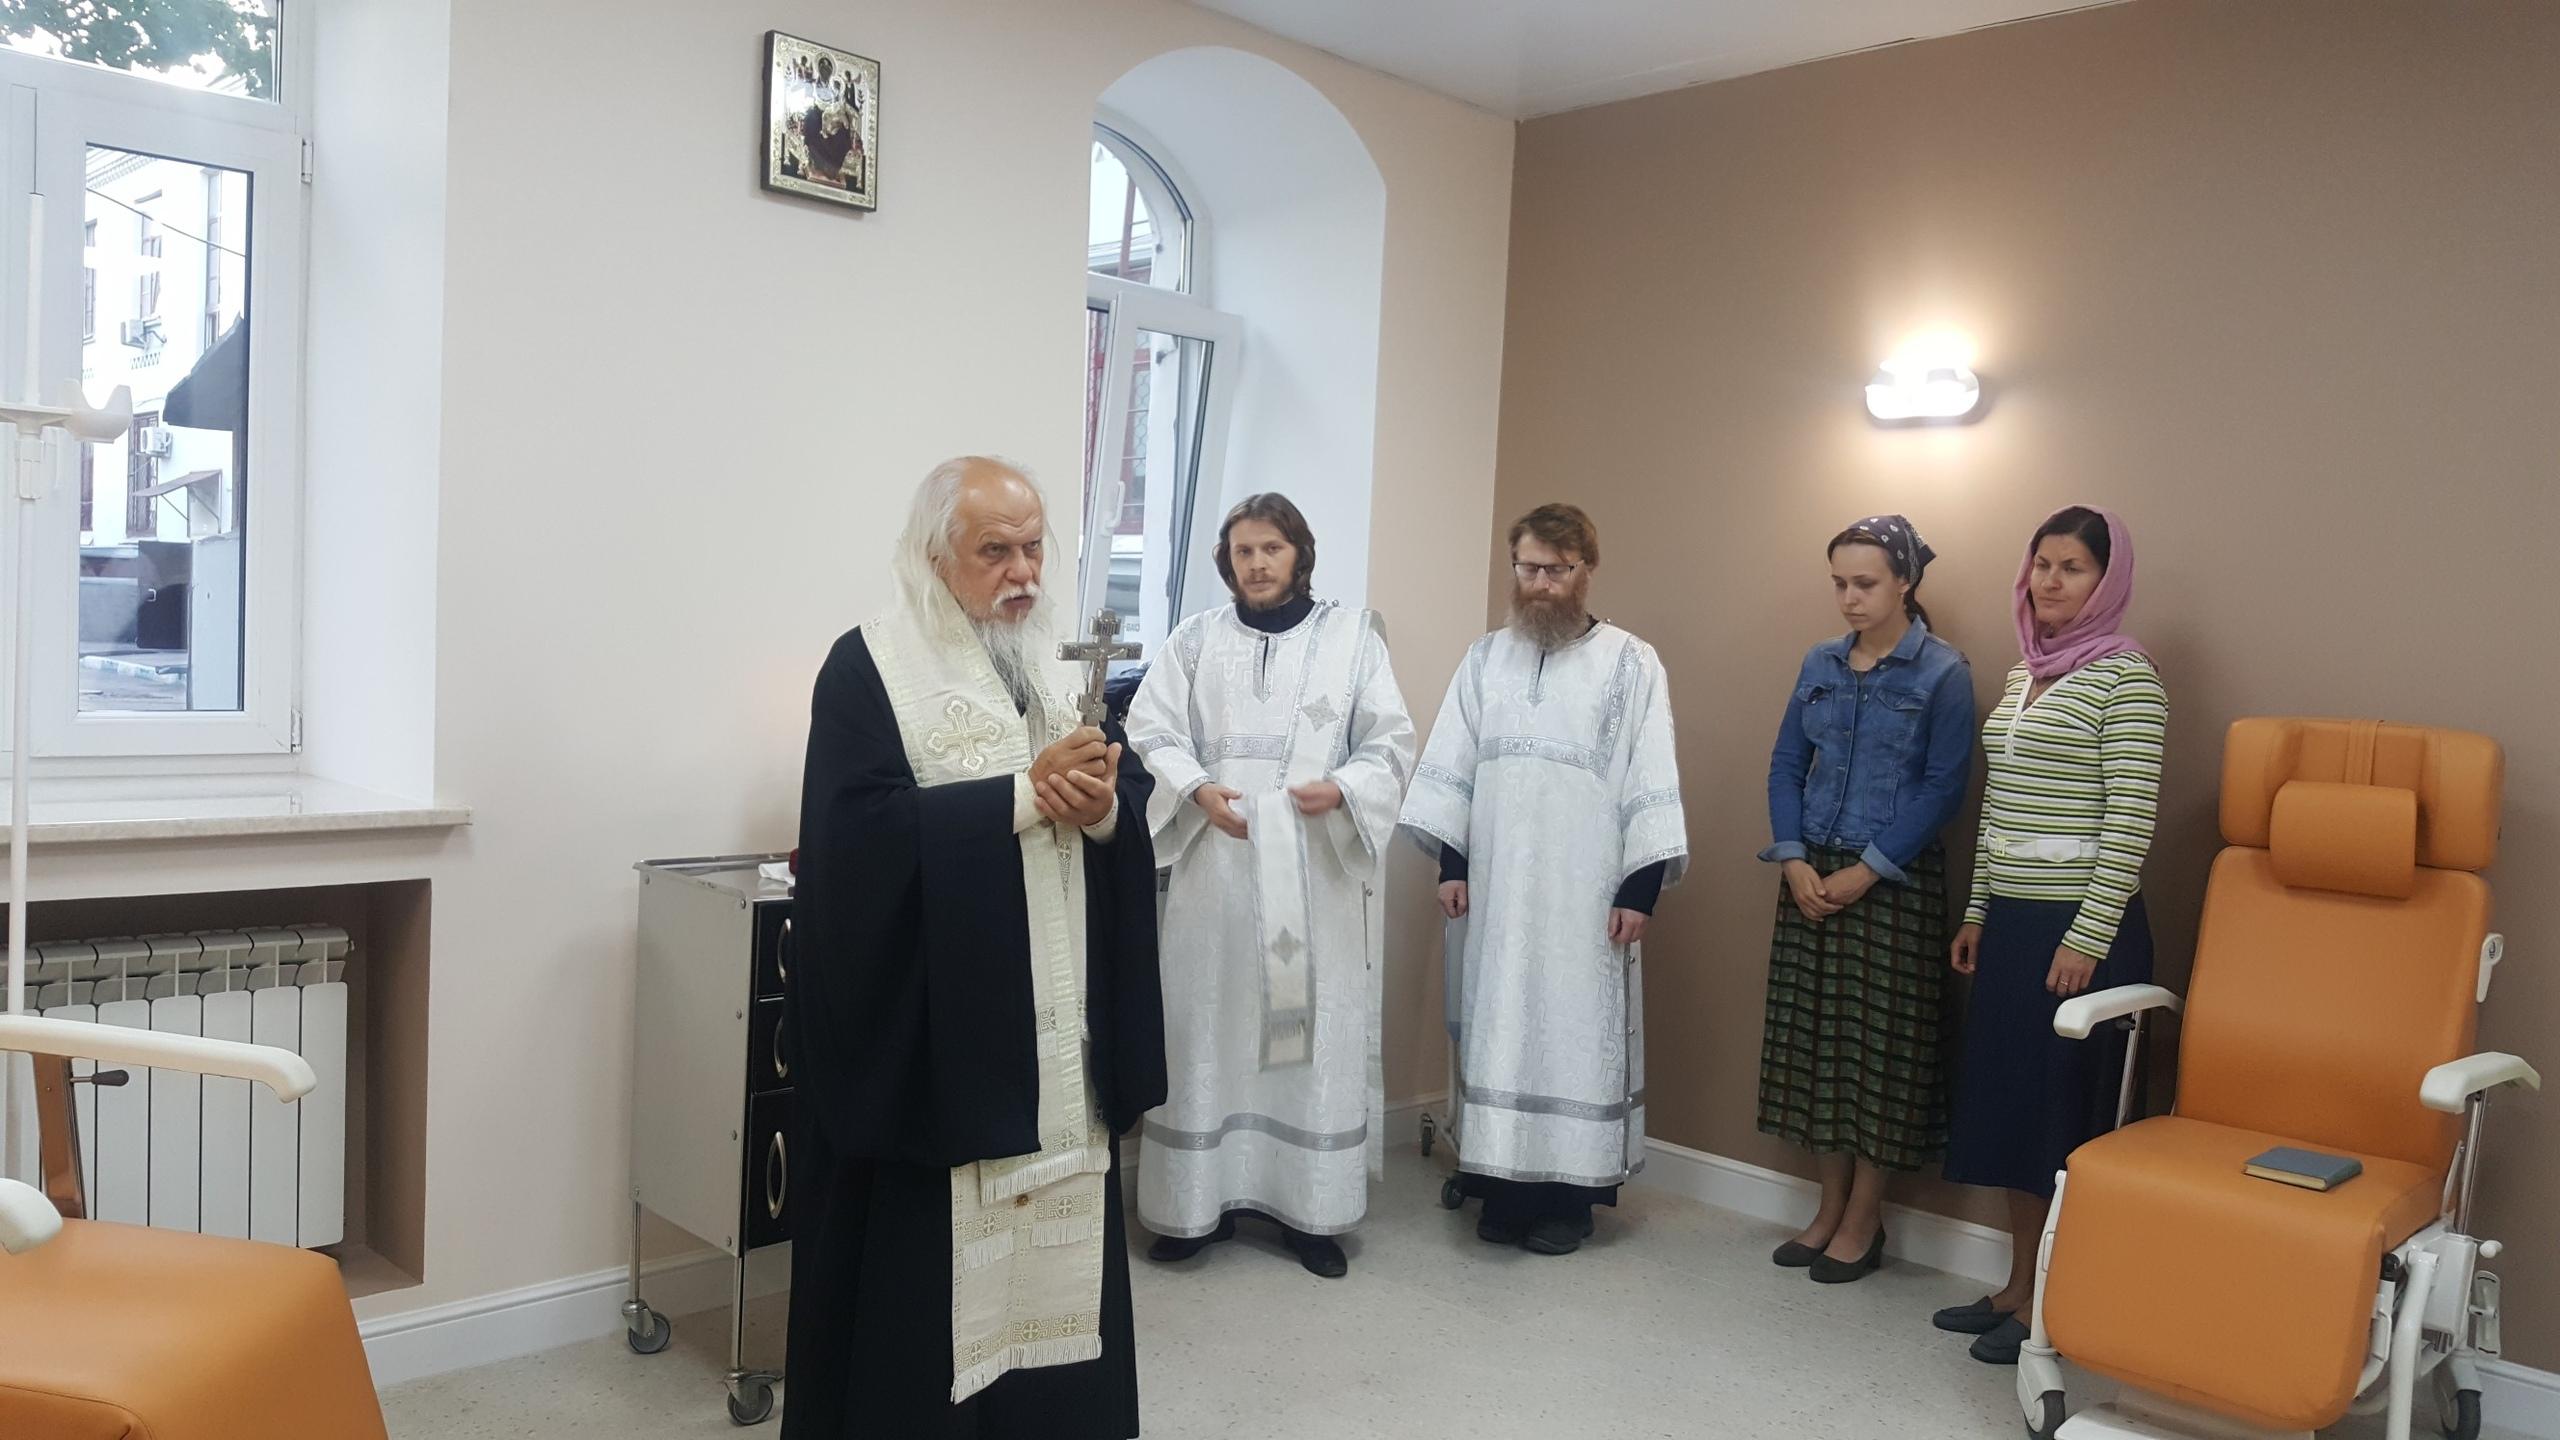 Епископ Орехово-Зуевский Пантелеимон освятил дневной онкологический стационар больницы святителя Алексия